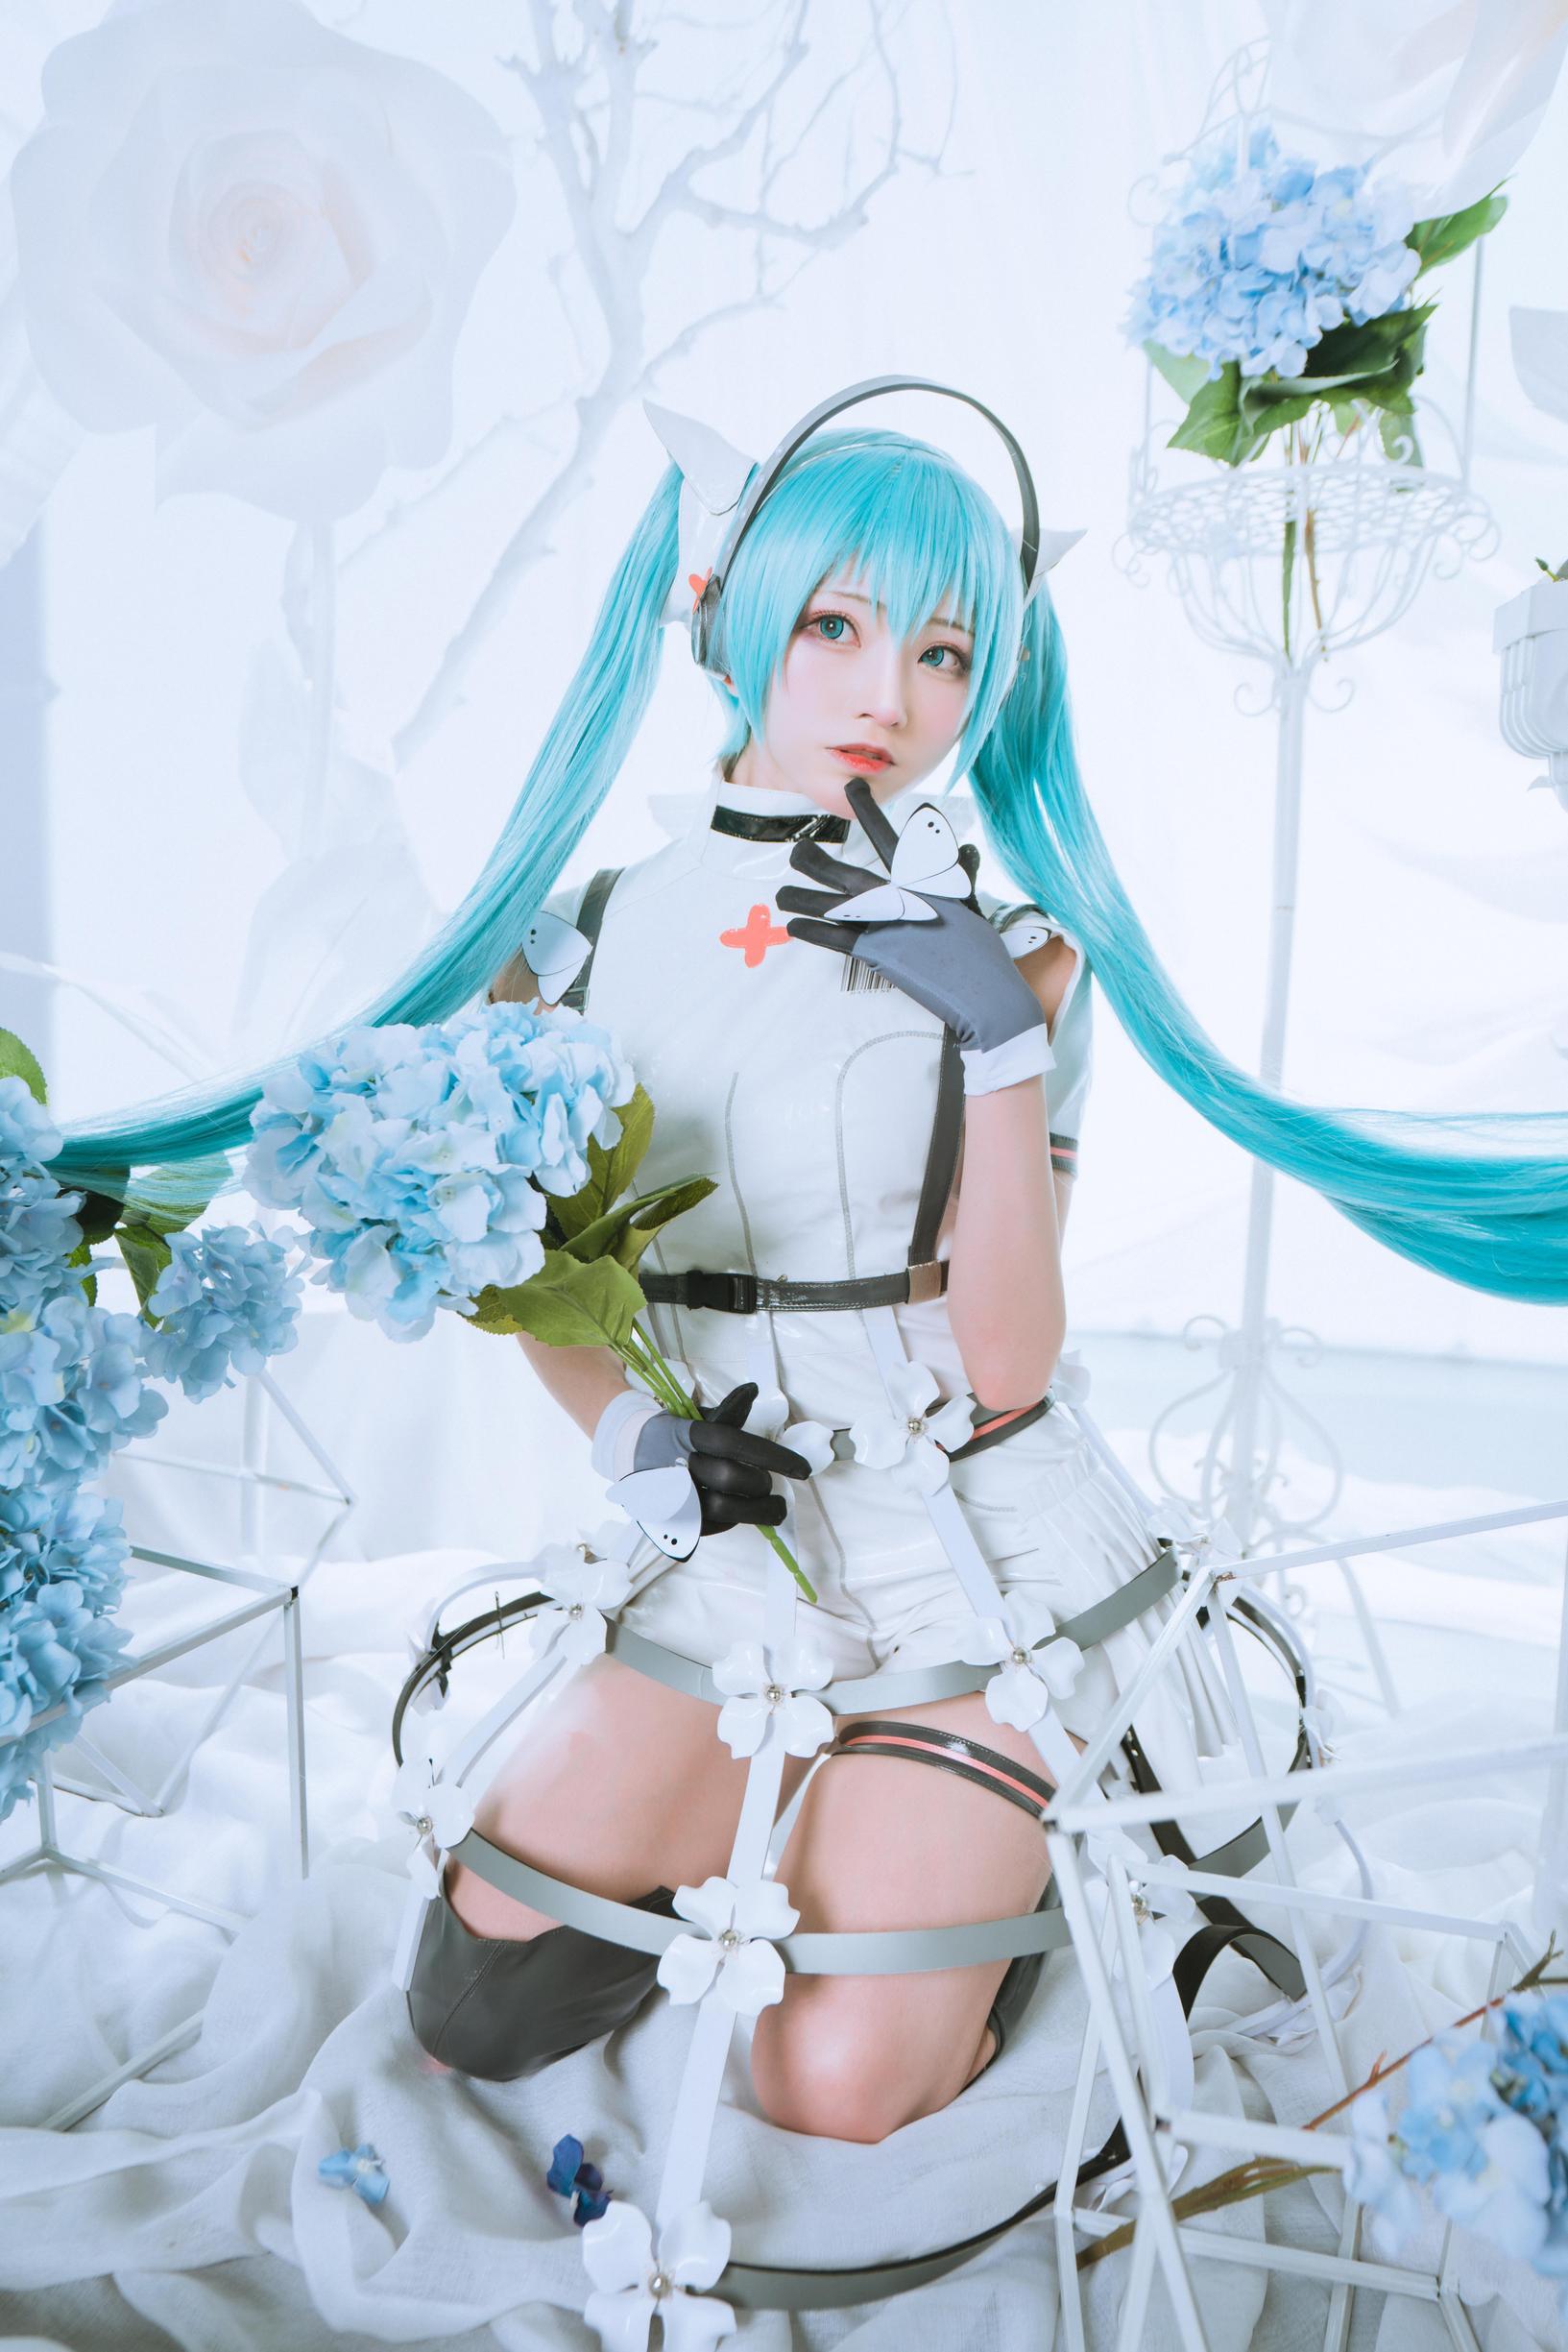 少女cosplay【CN:Kitaro_绮太郎】-第10张